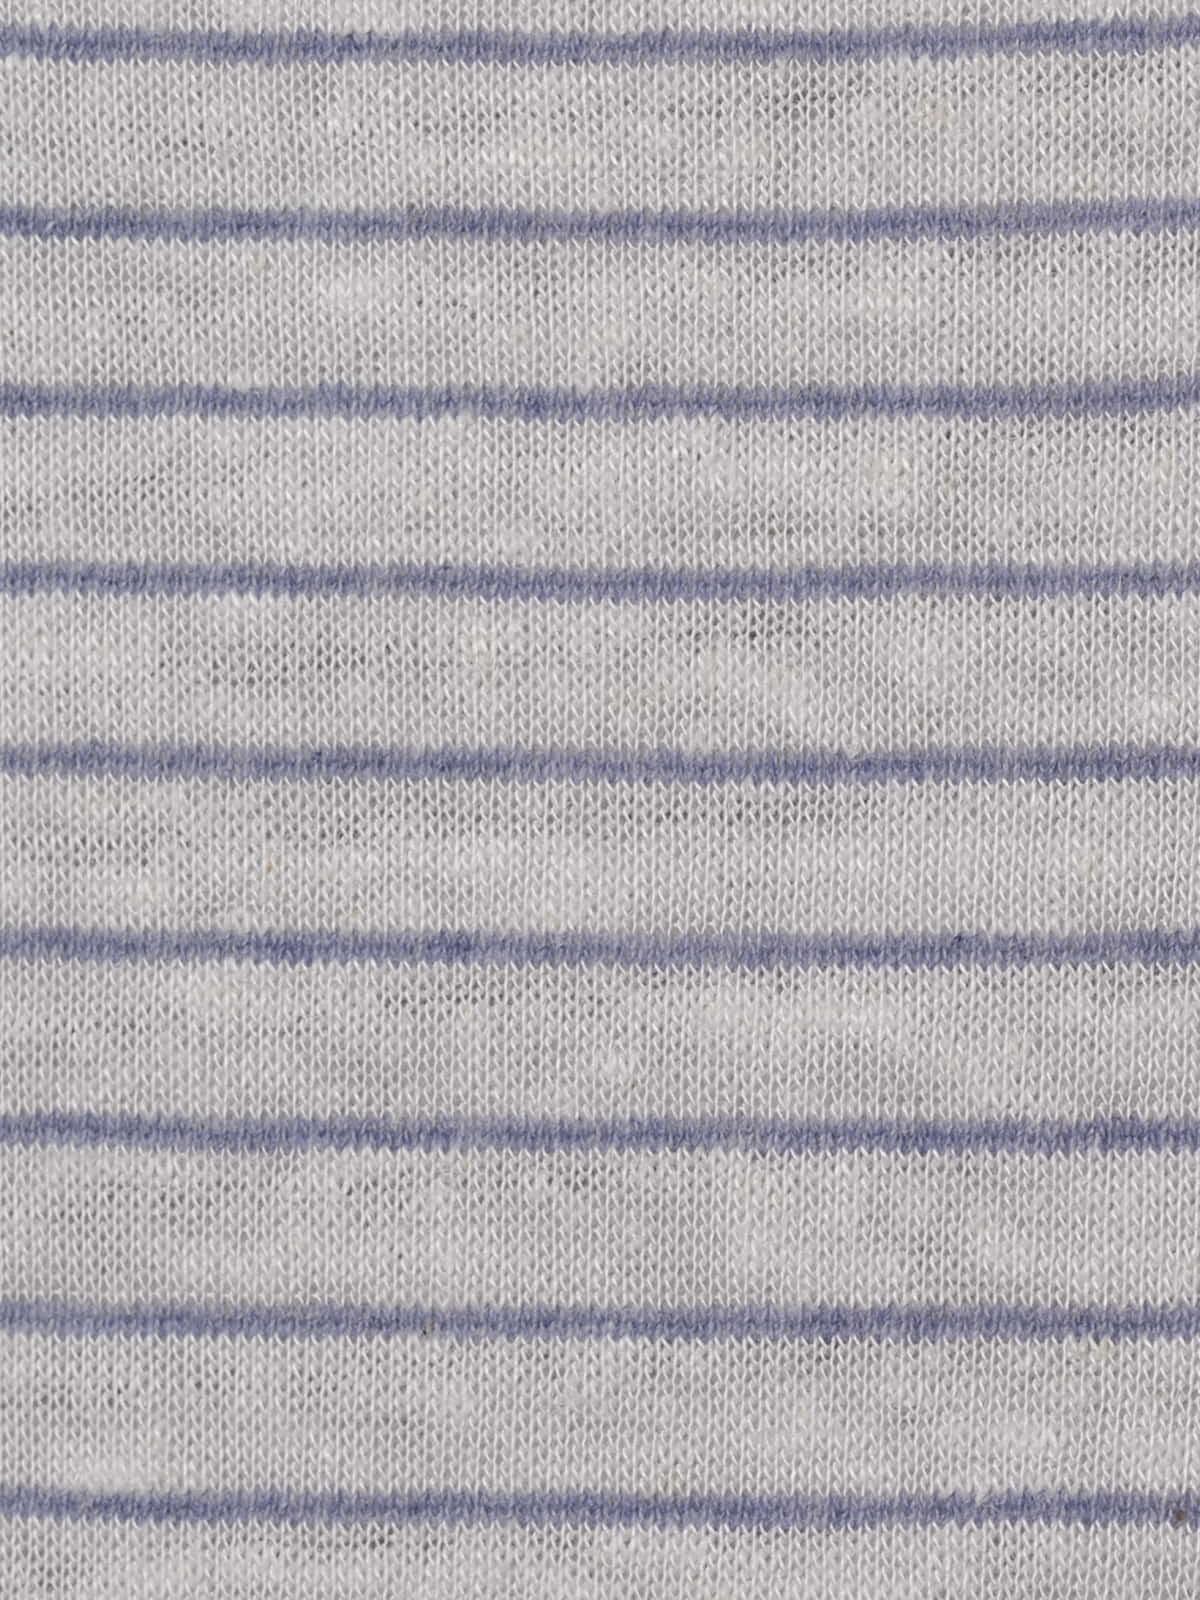 Camiseta mujer de rayas anudada Azul